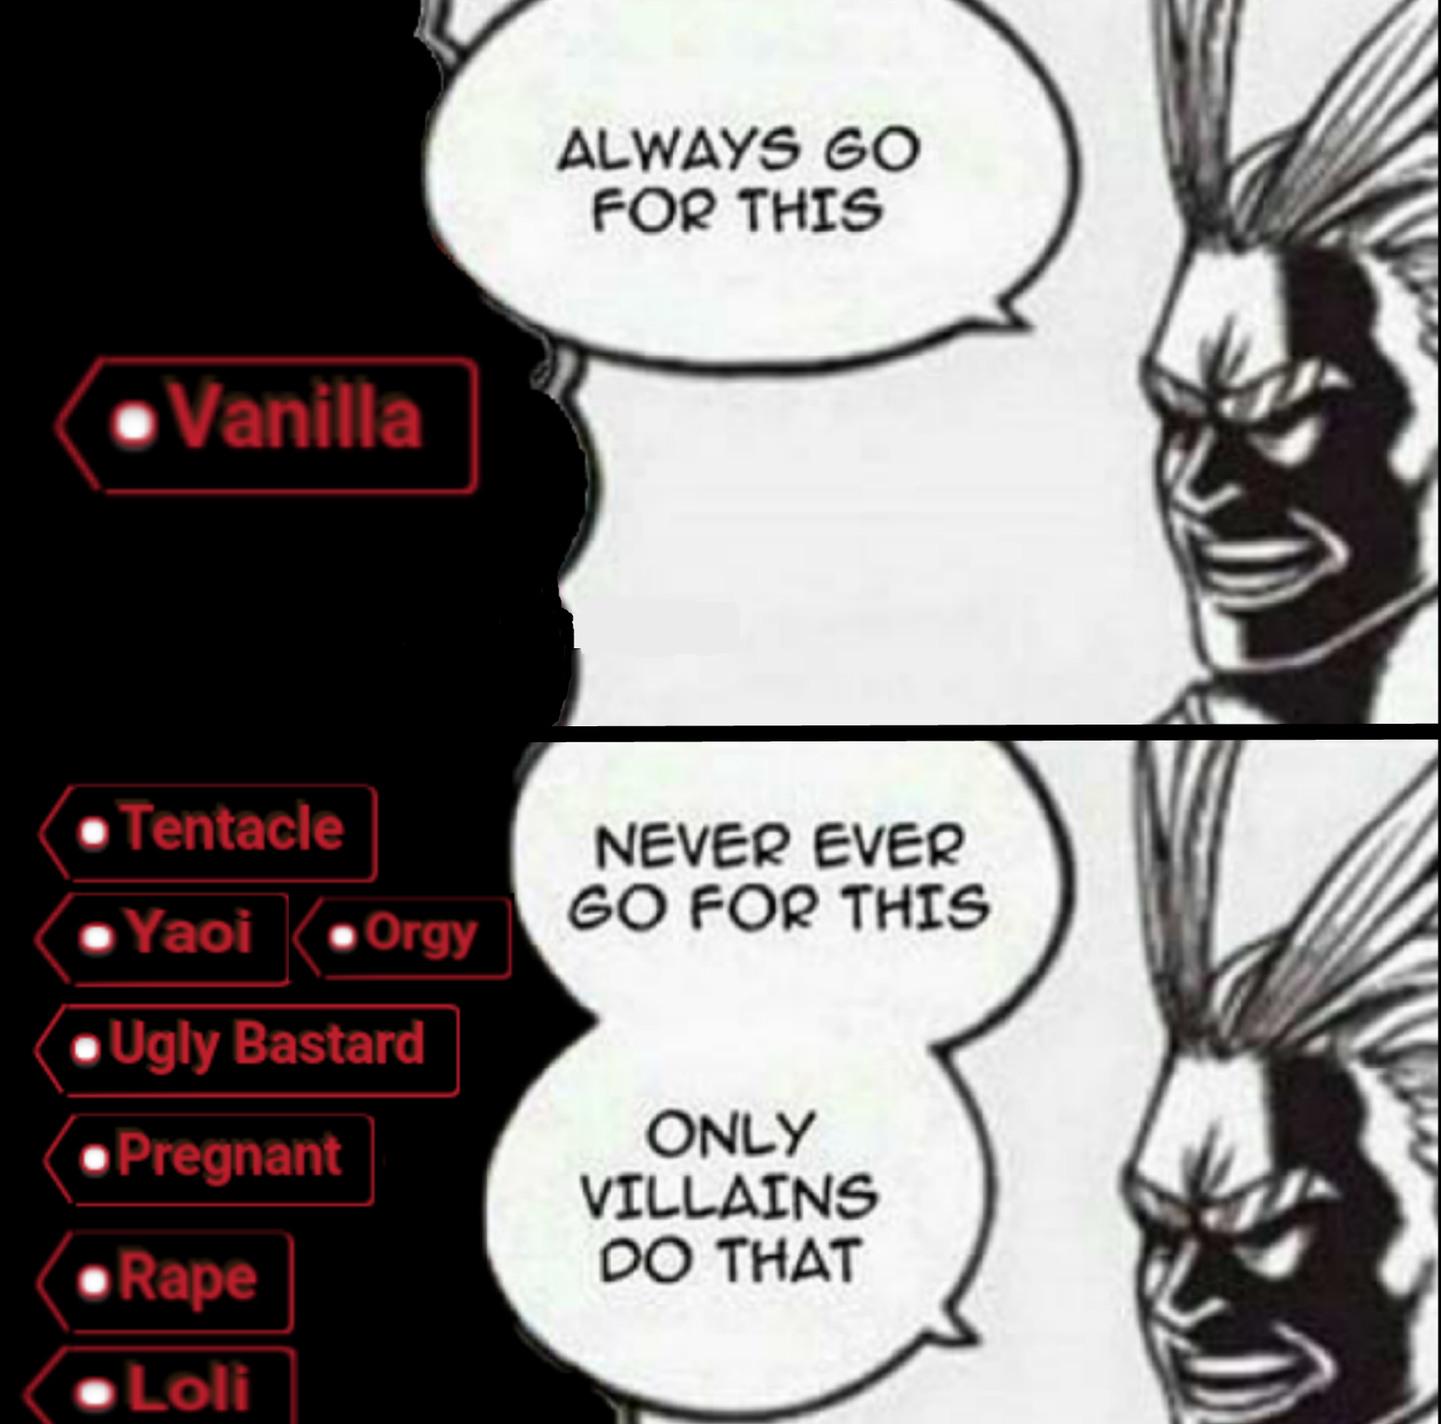 Milf is best tag - meme